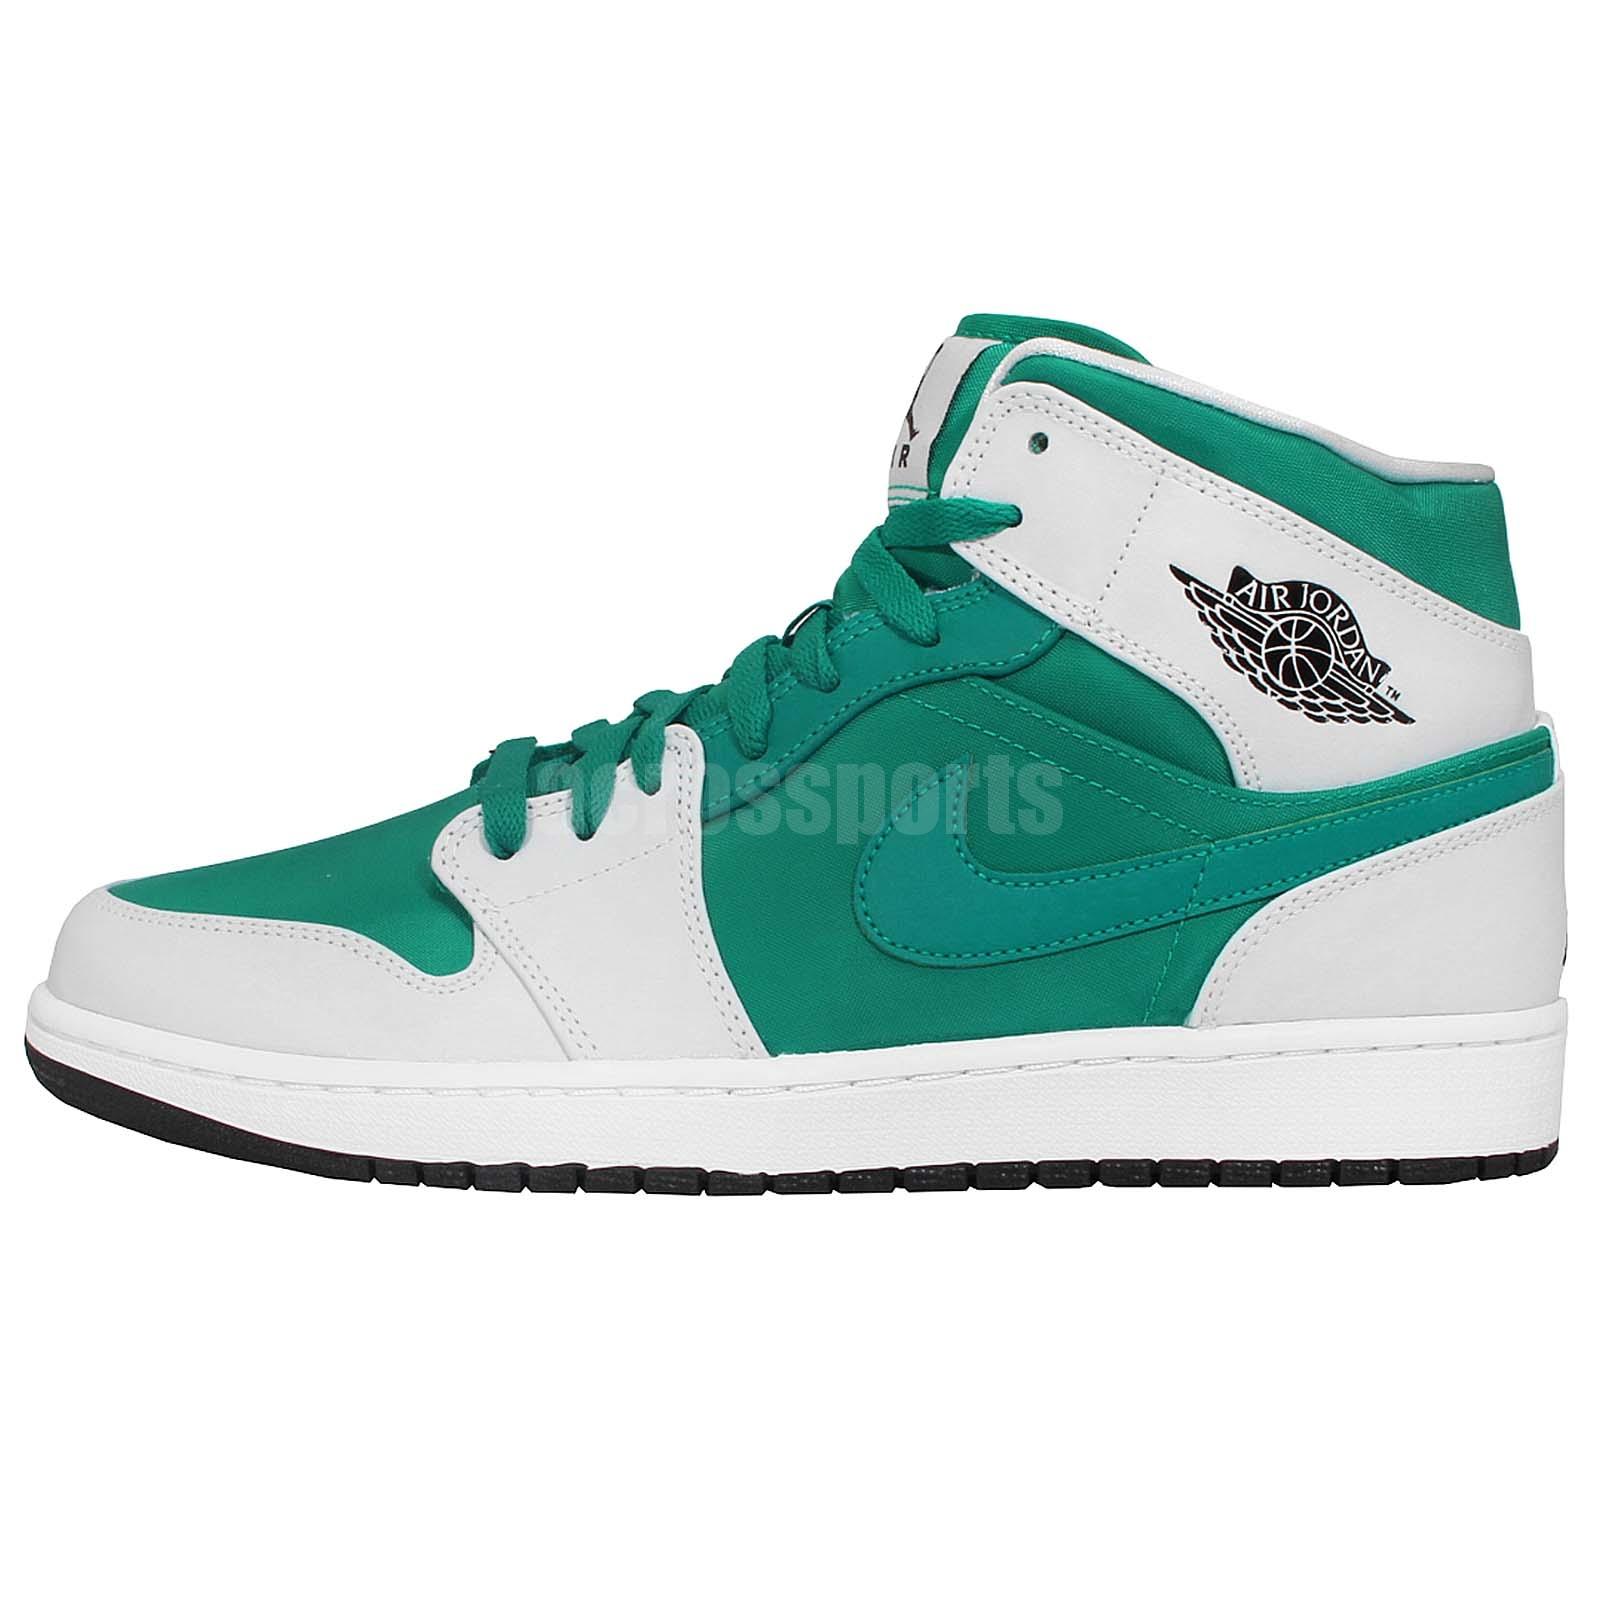 nike sneakers teal